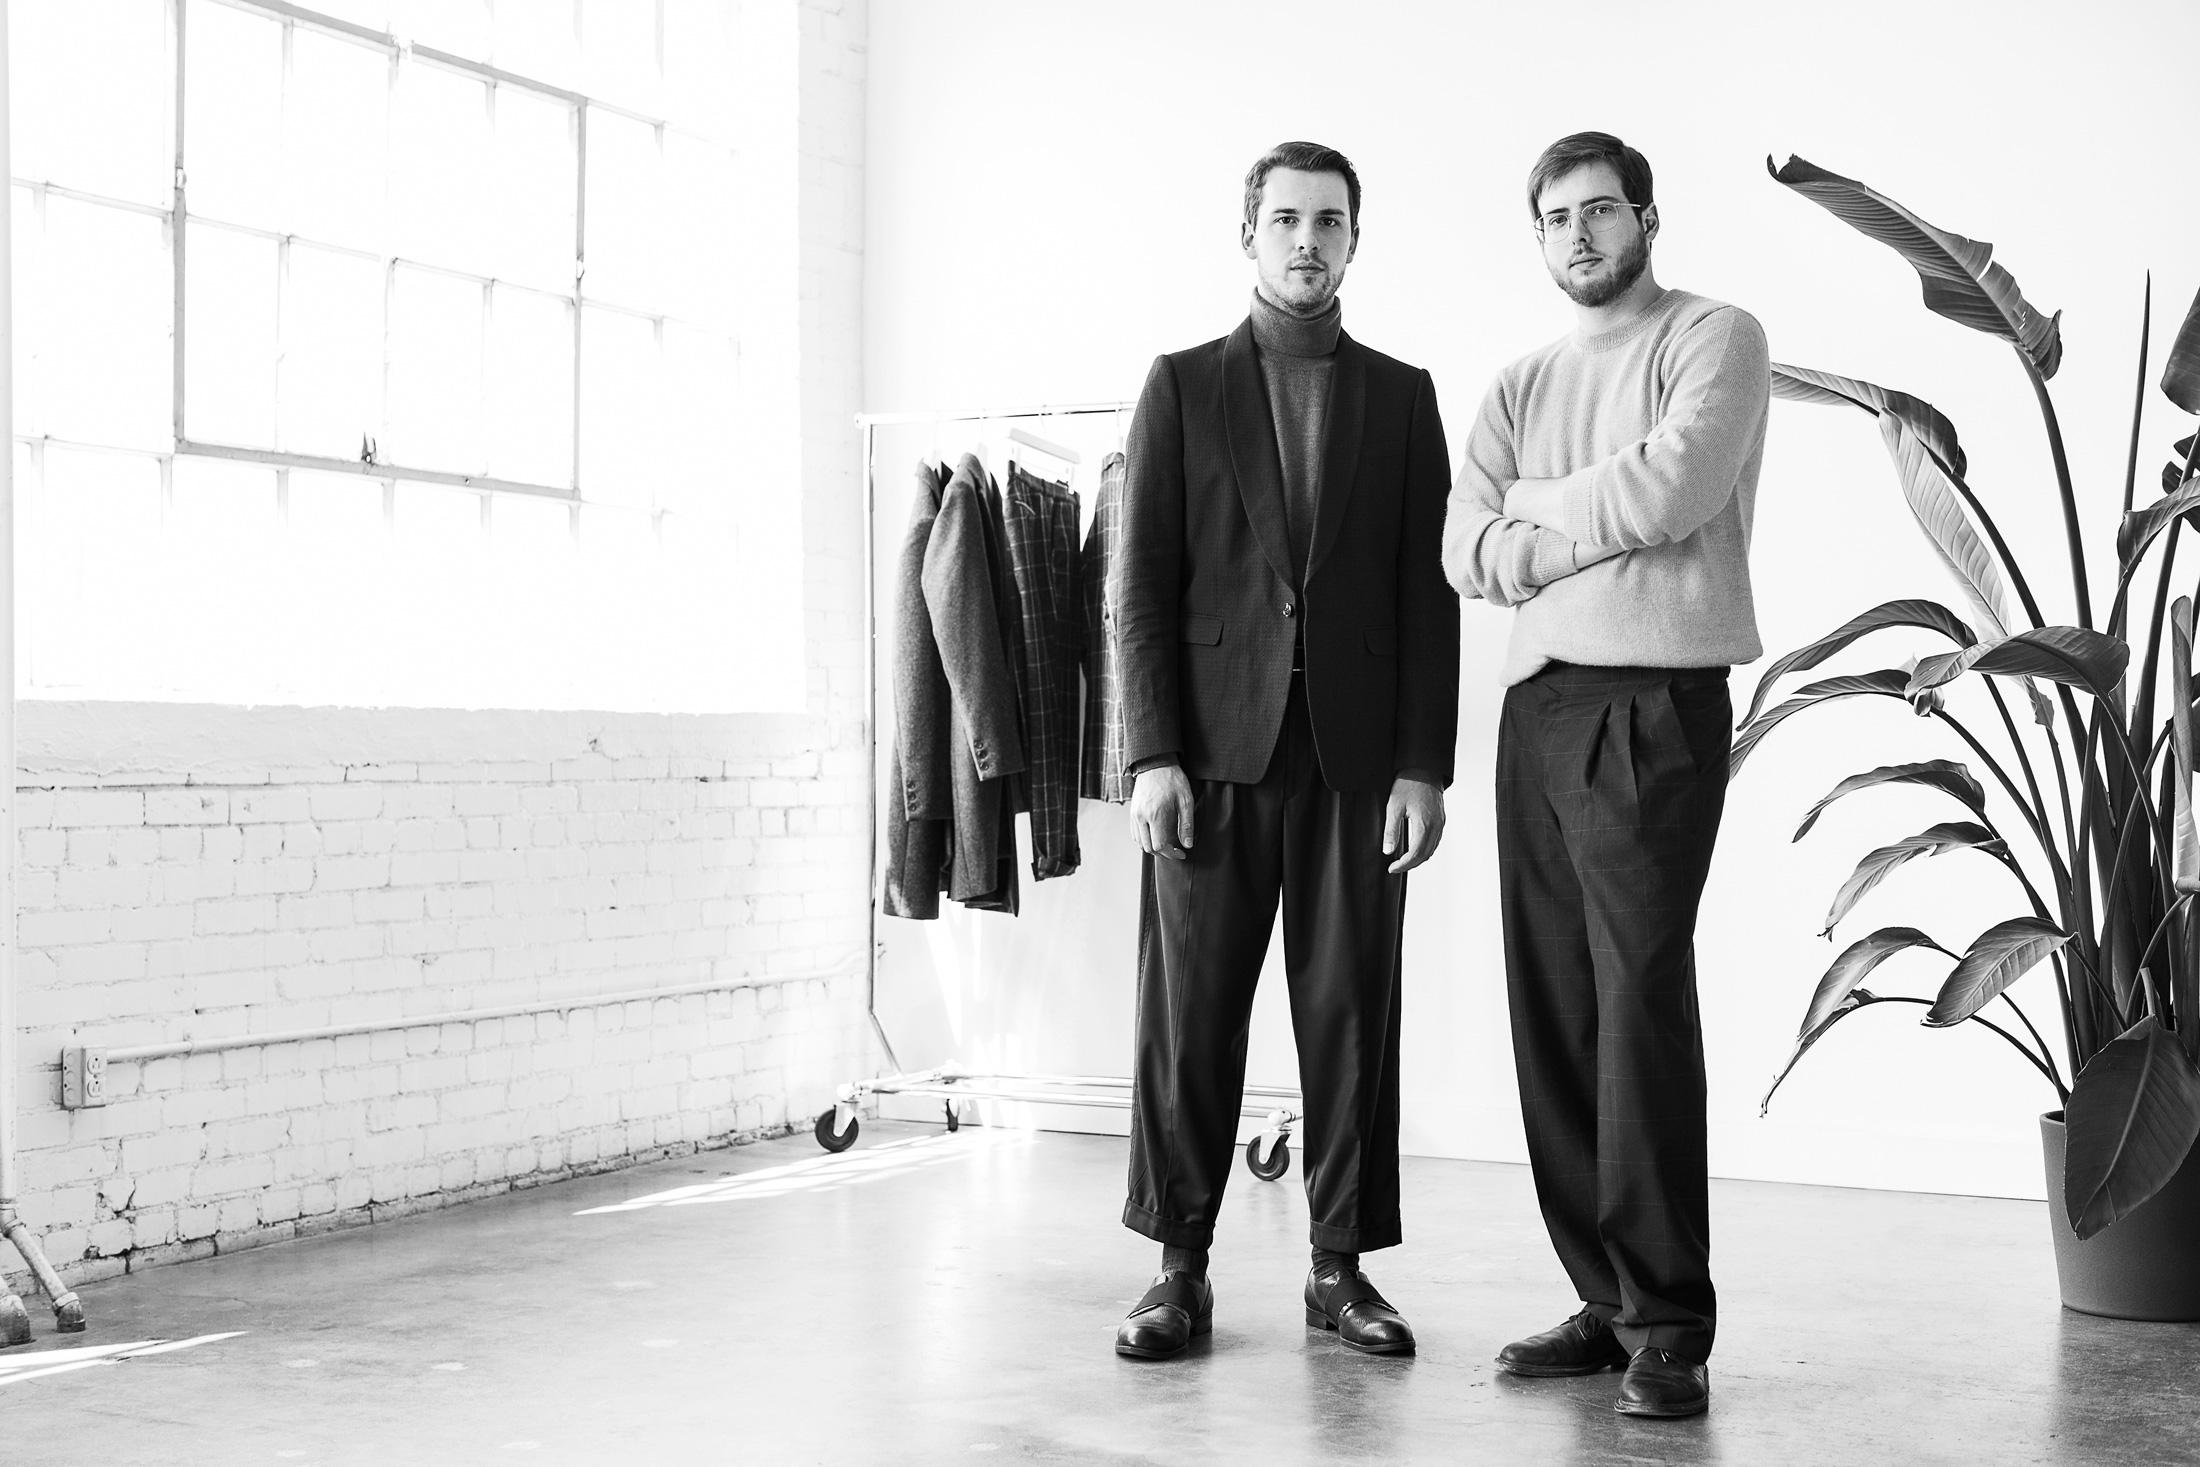 portrait noir et blanc deux hommes fenêtre lumineuse